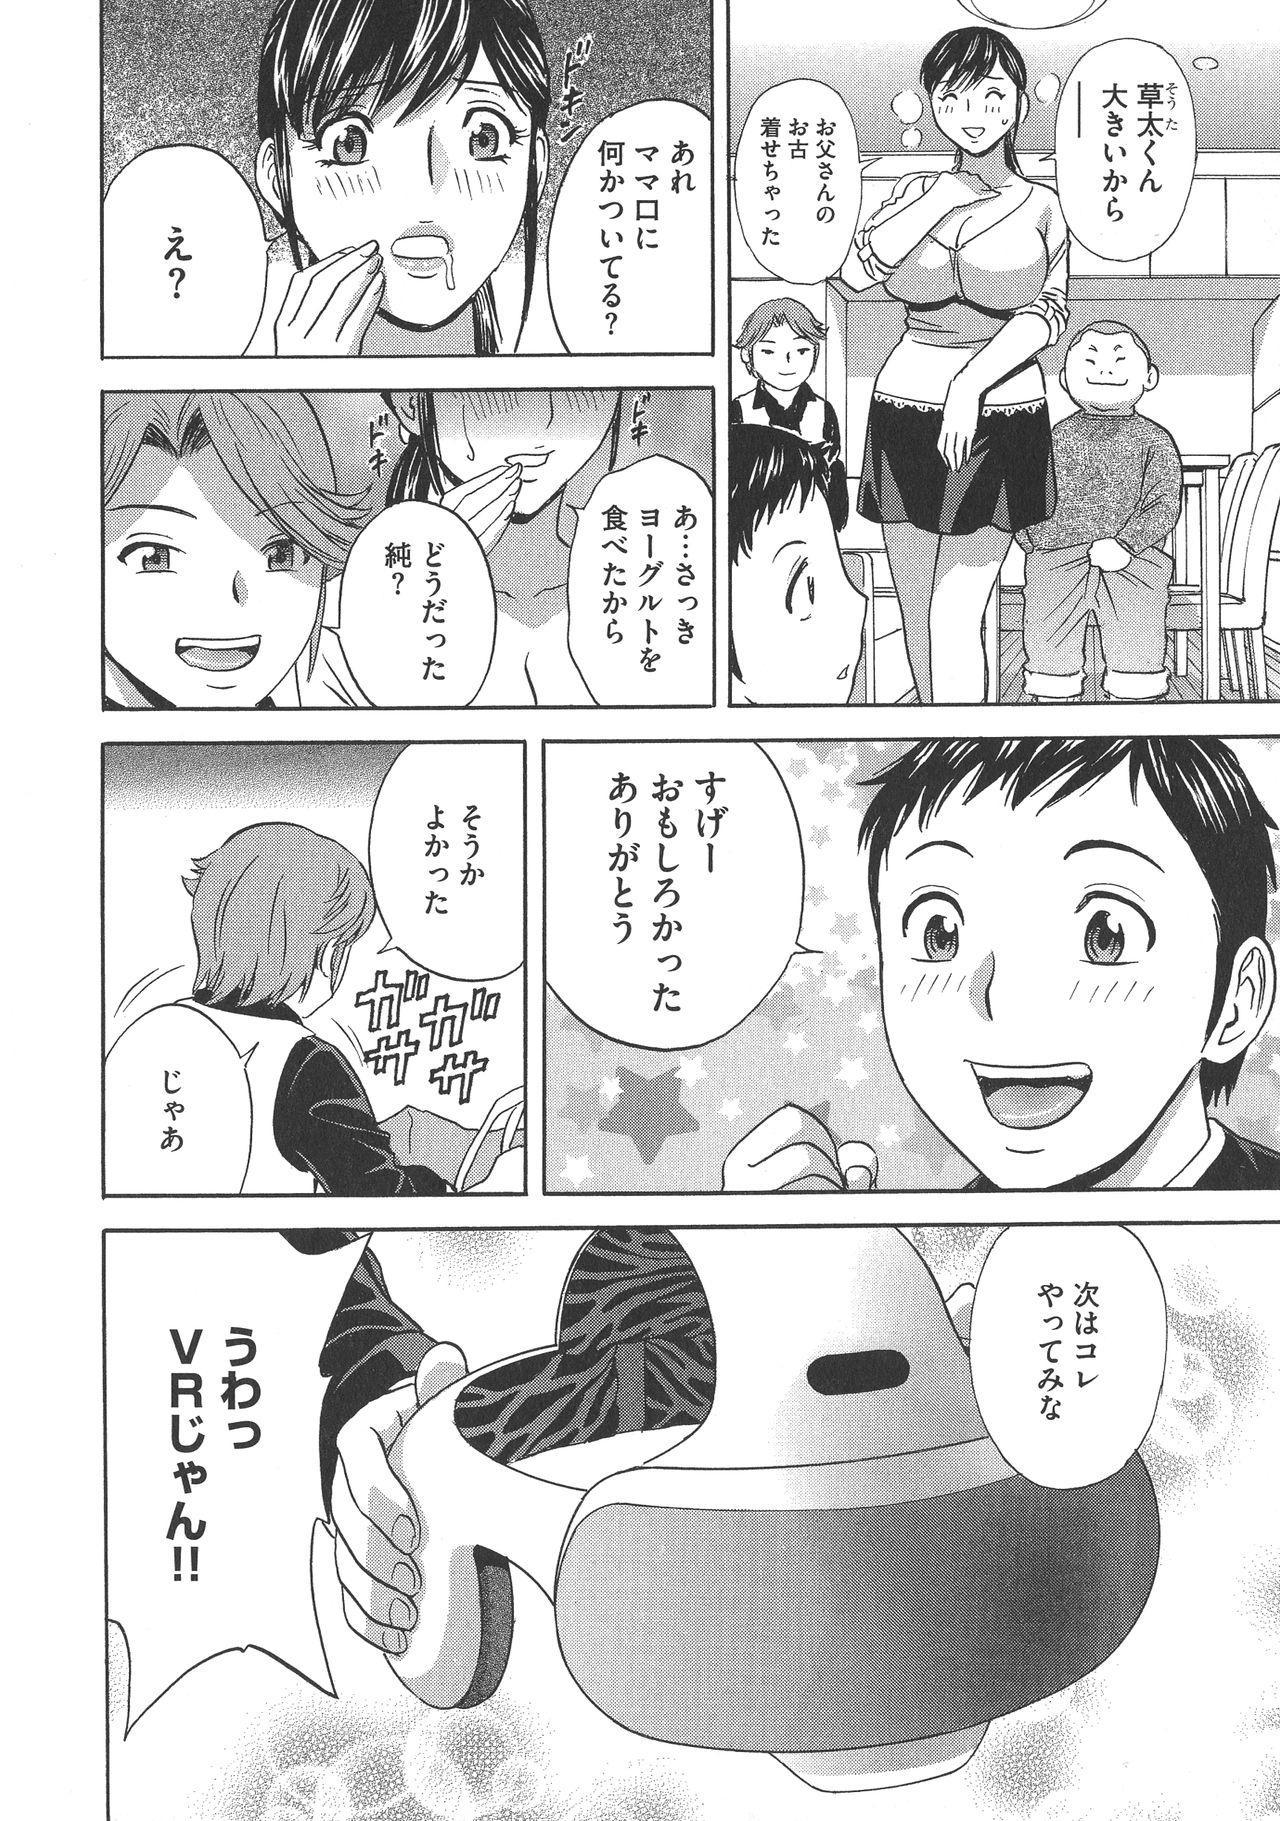 Chijoku ni Modaeru Haha no Chichi… 119